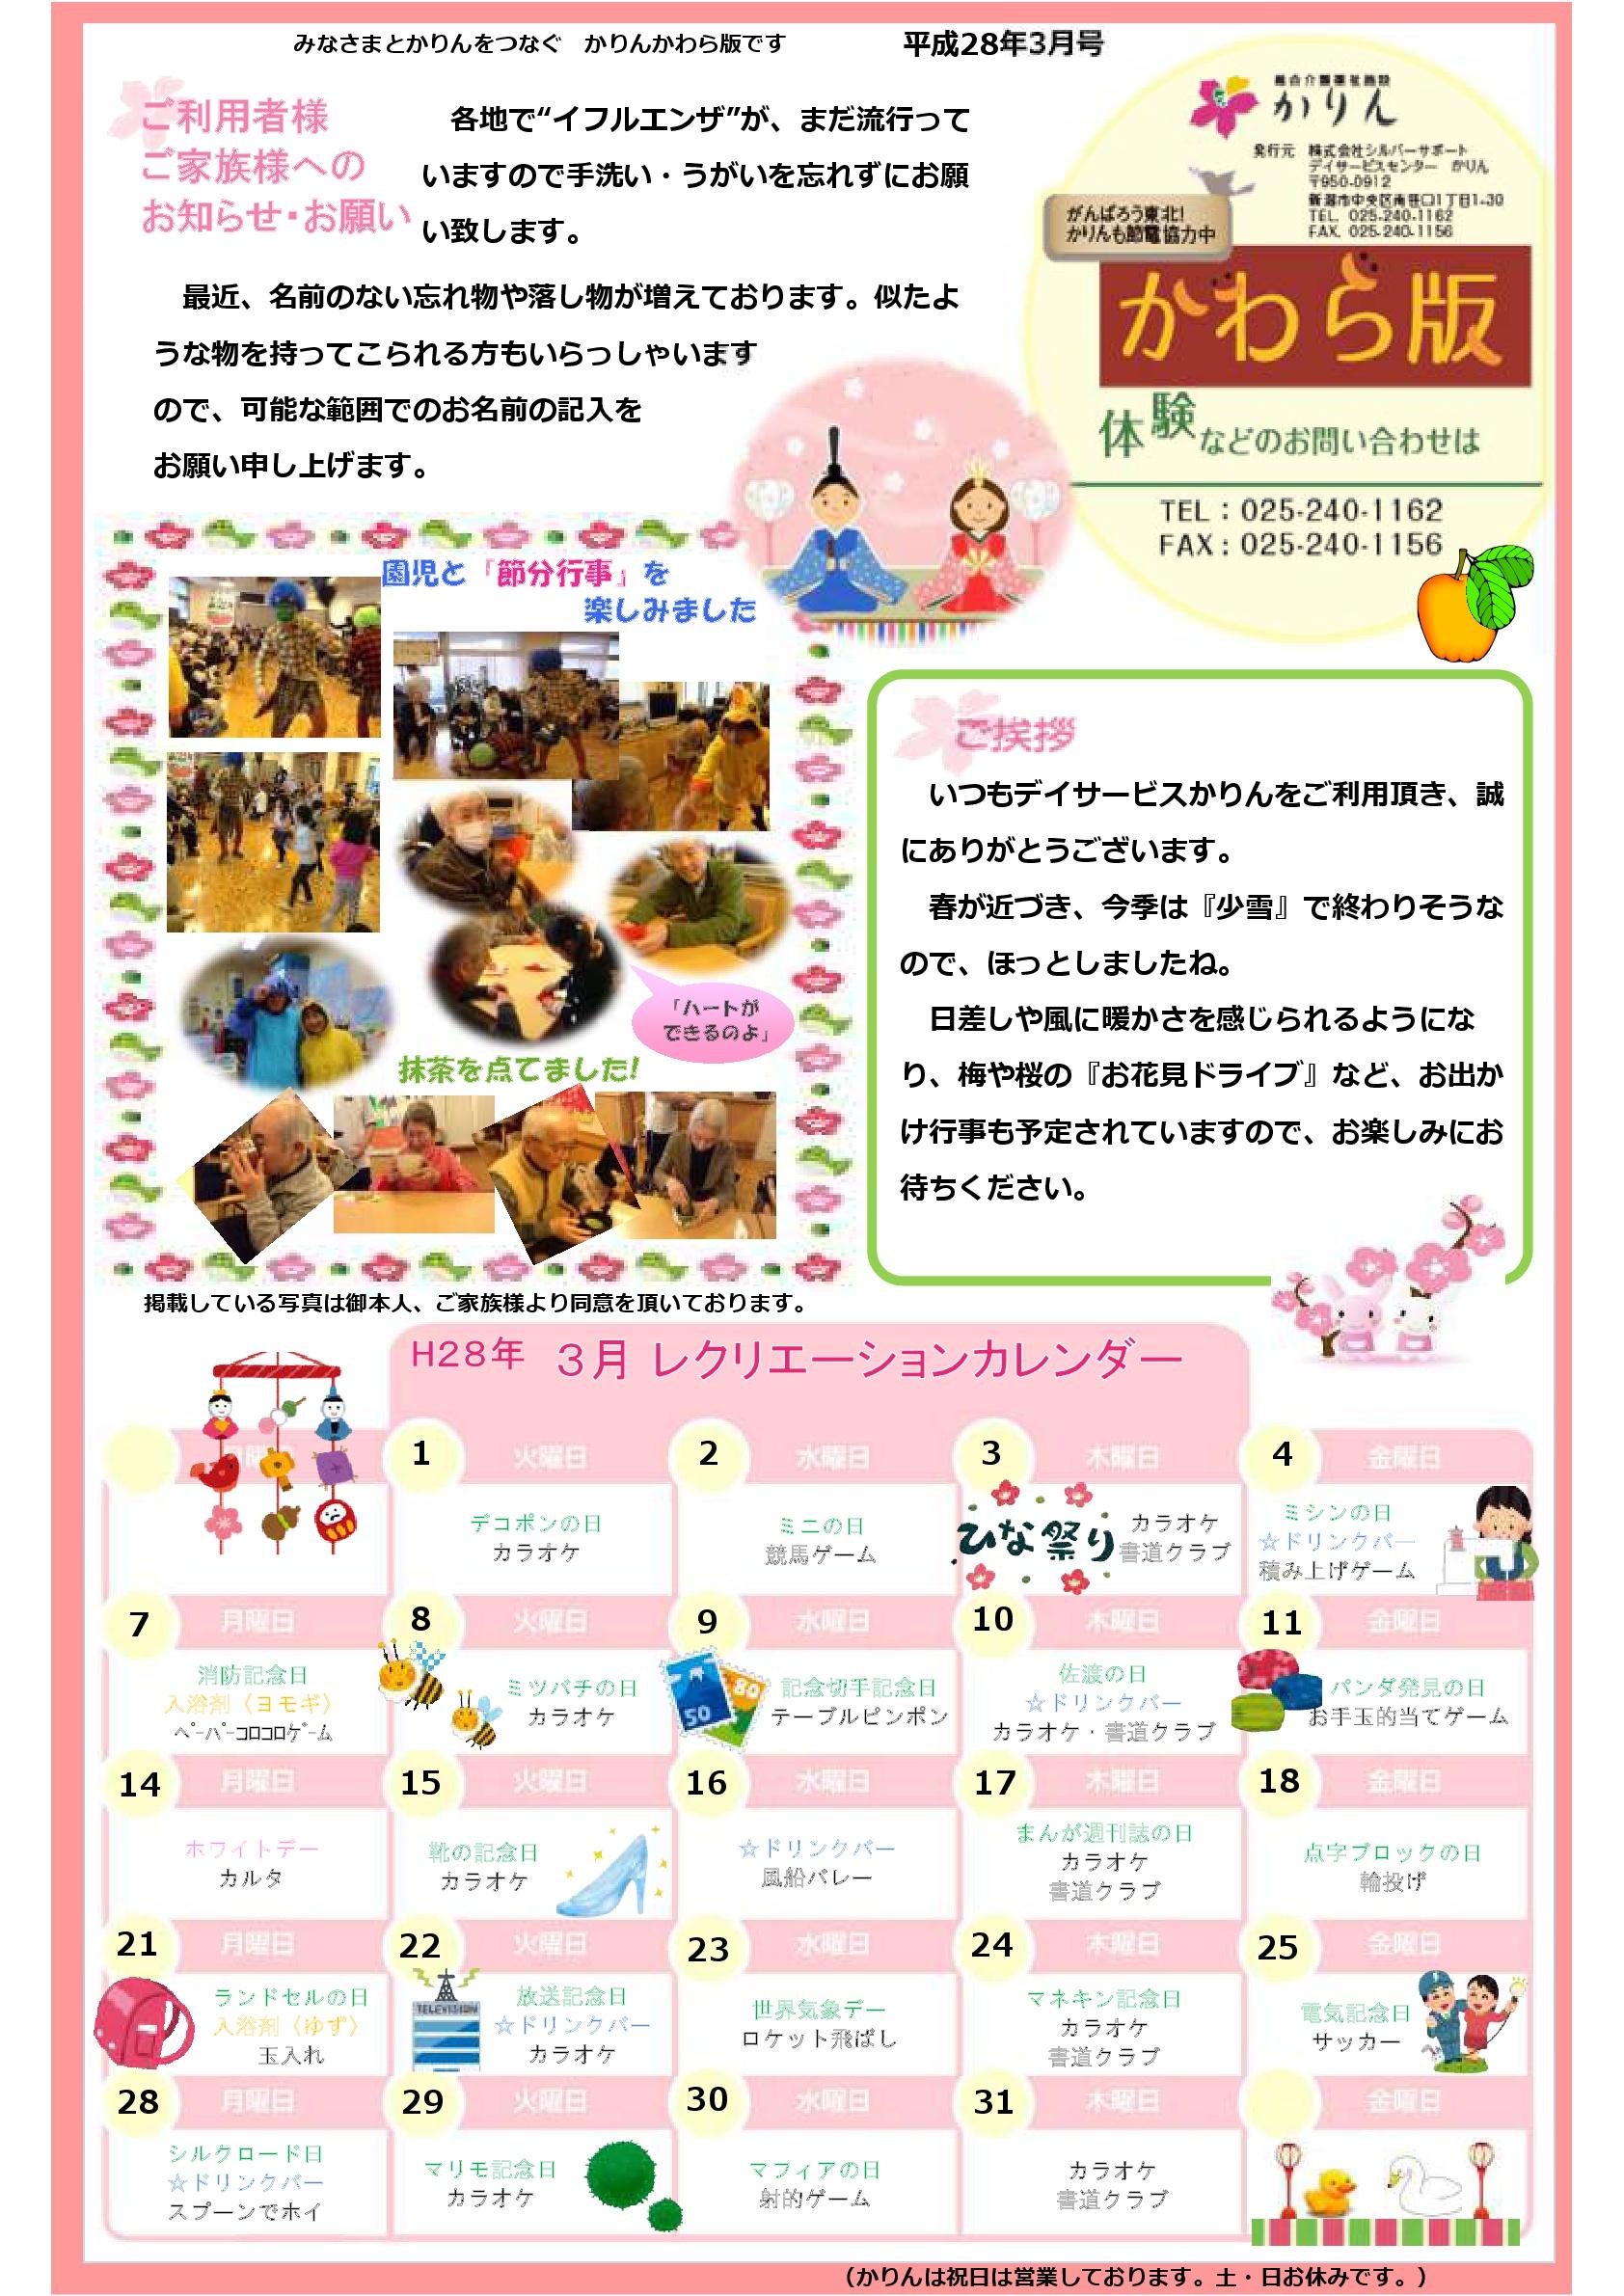 201603月かわら版「3月はイベント盛り沢山!!」表